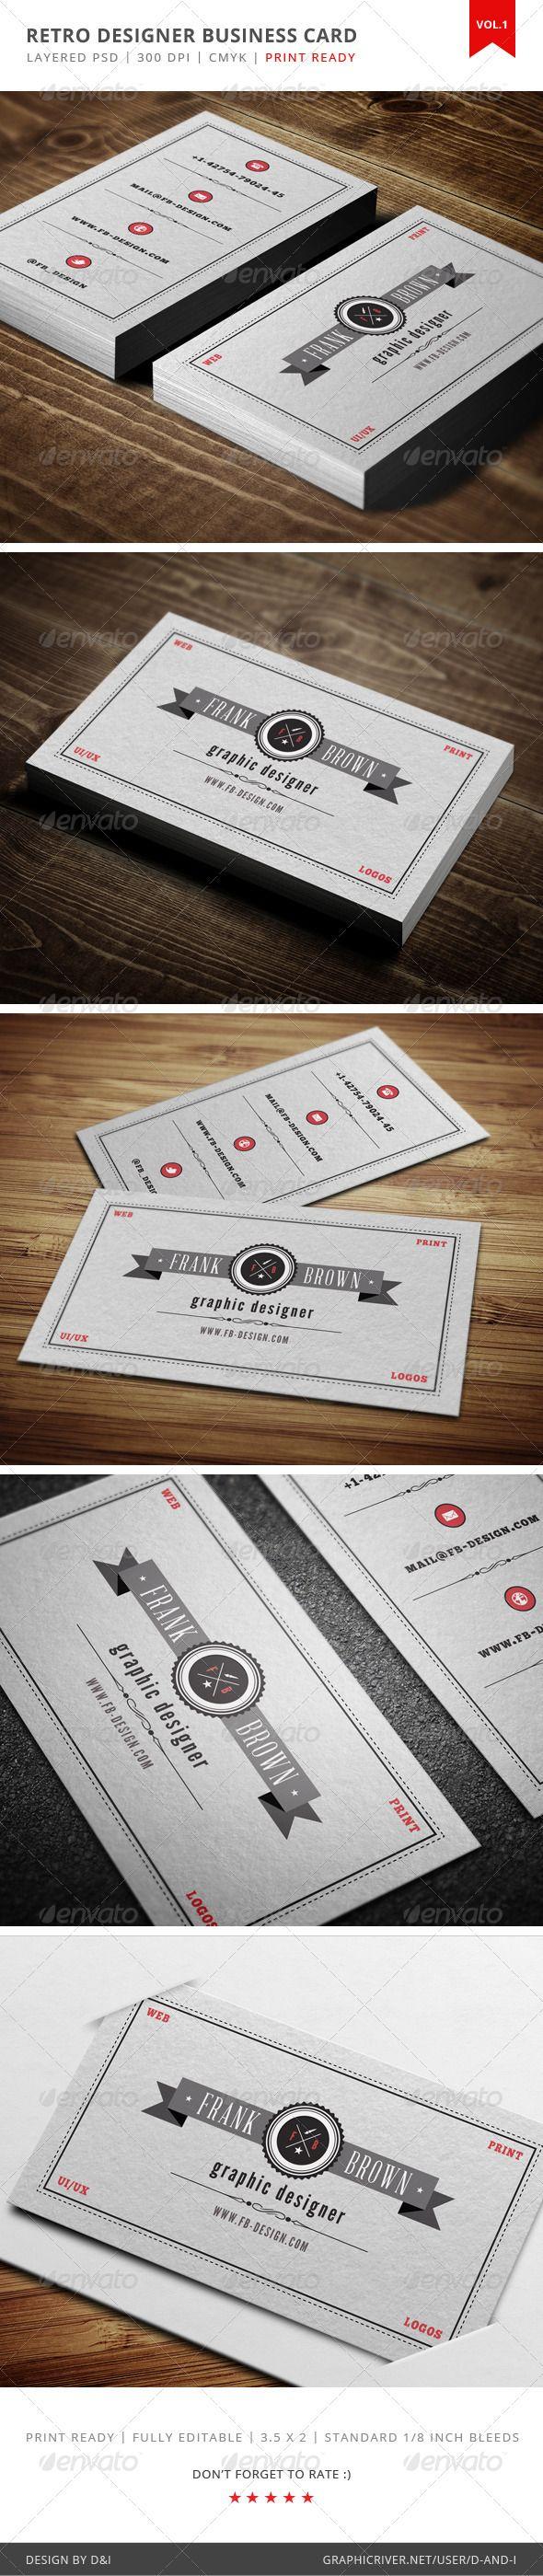 graphic design business ideas via